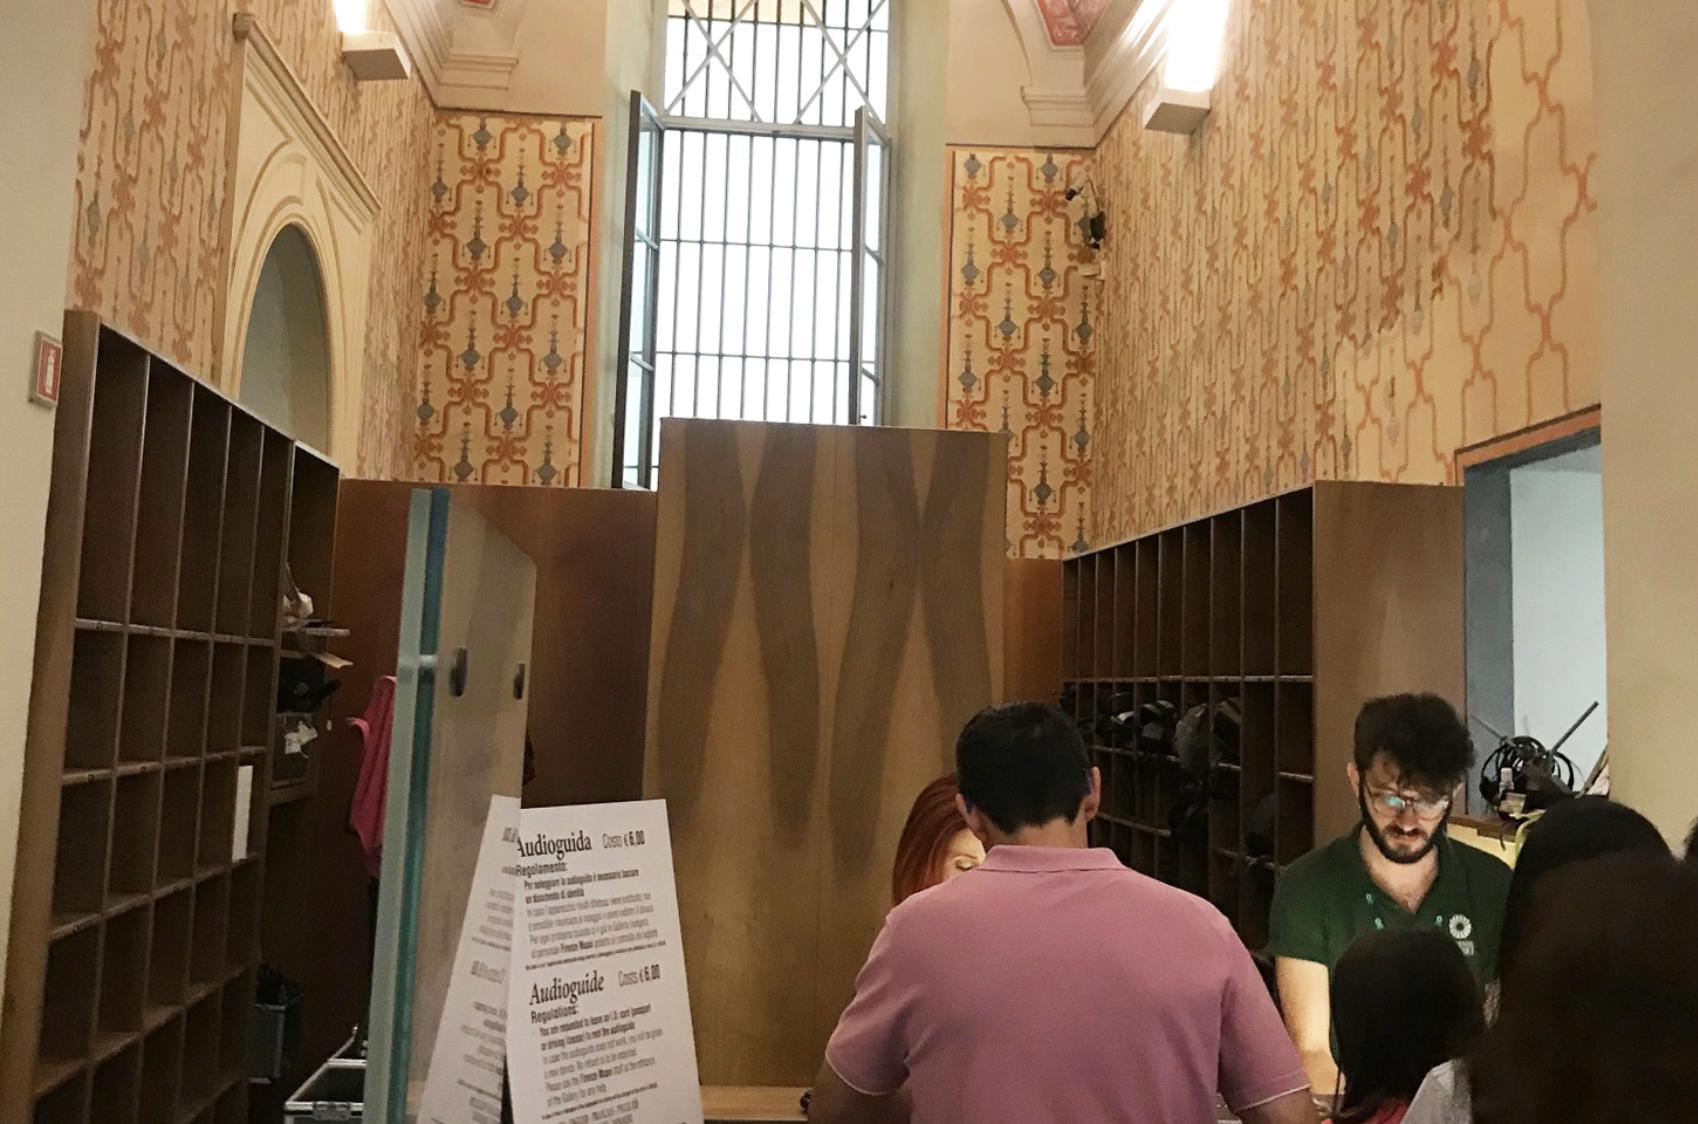 Uffizi Gallery – Coat check and audio guide desk